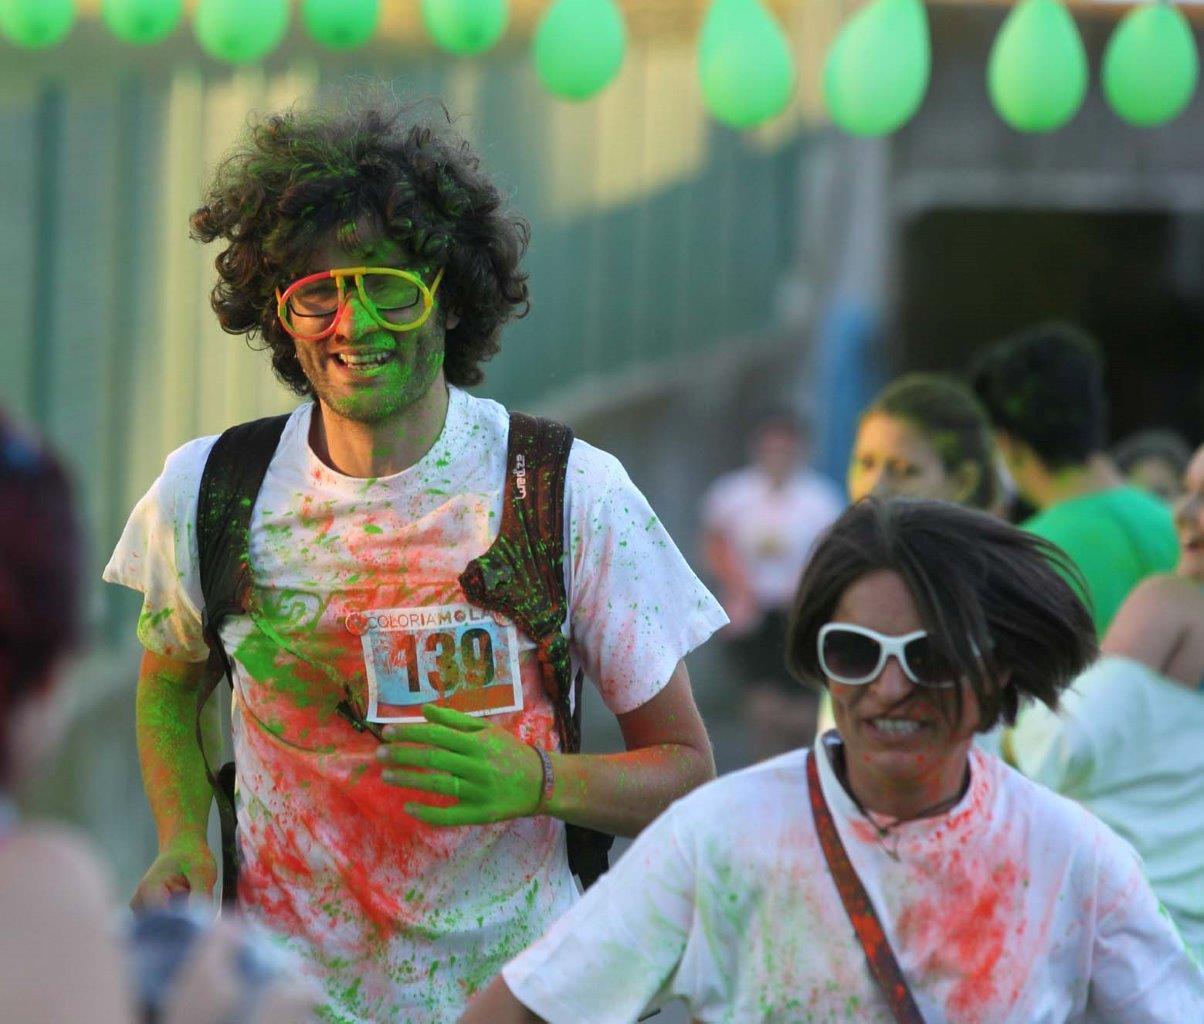 Felici e colorati, di corsa o camminando